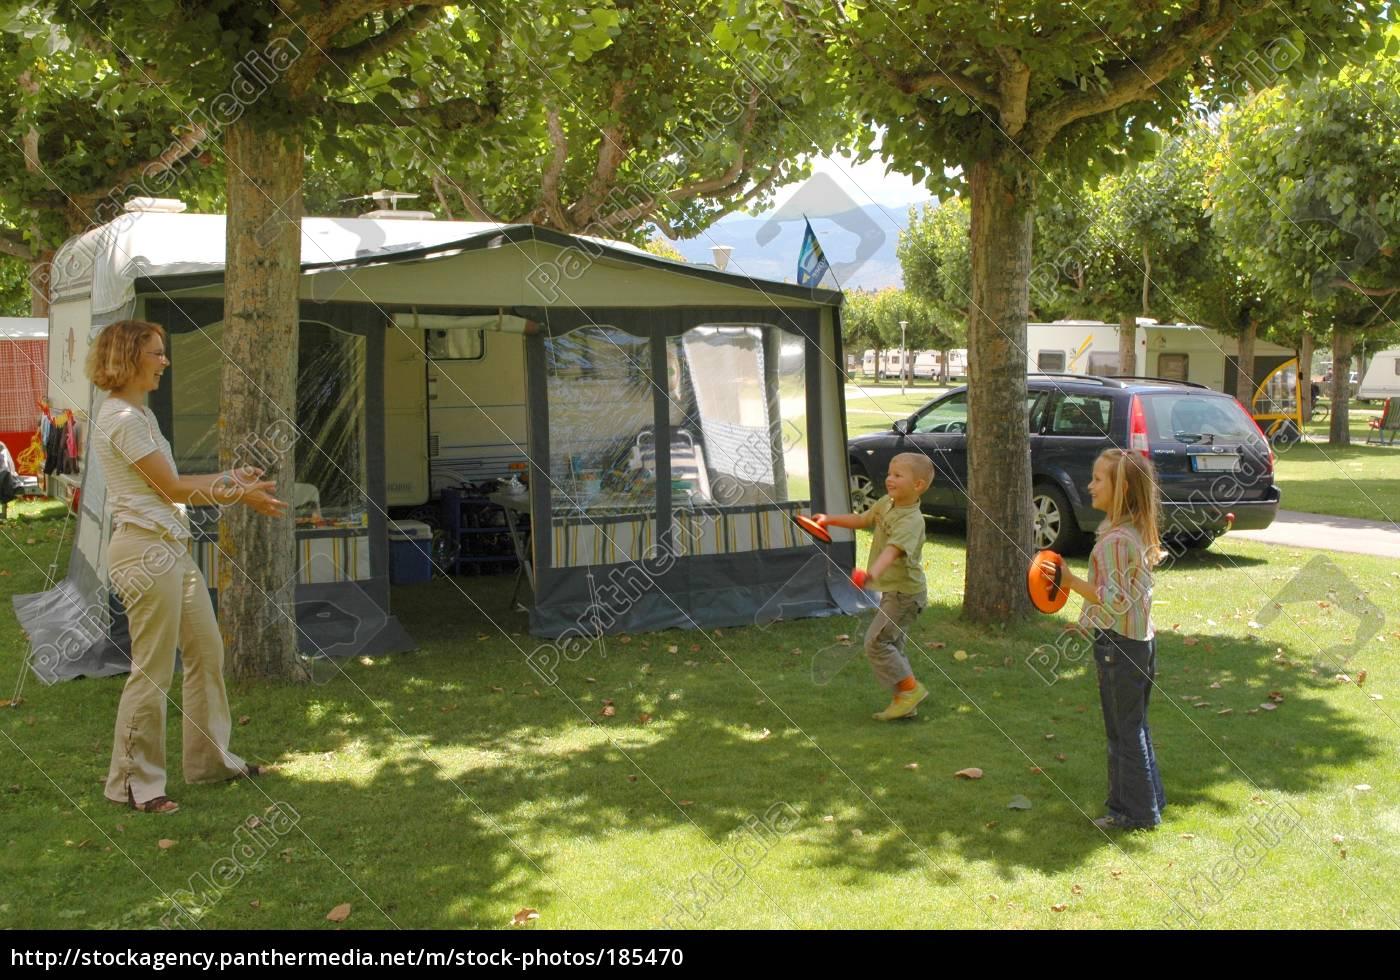 campsite - 185470